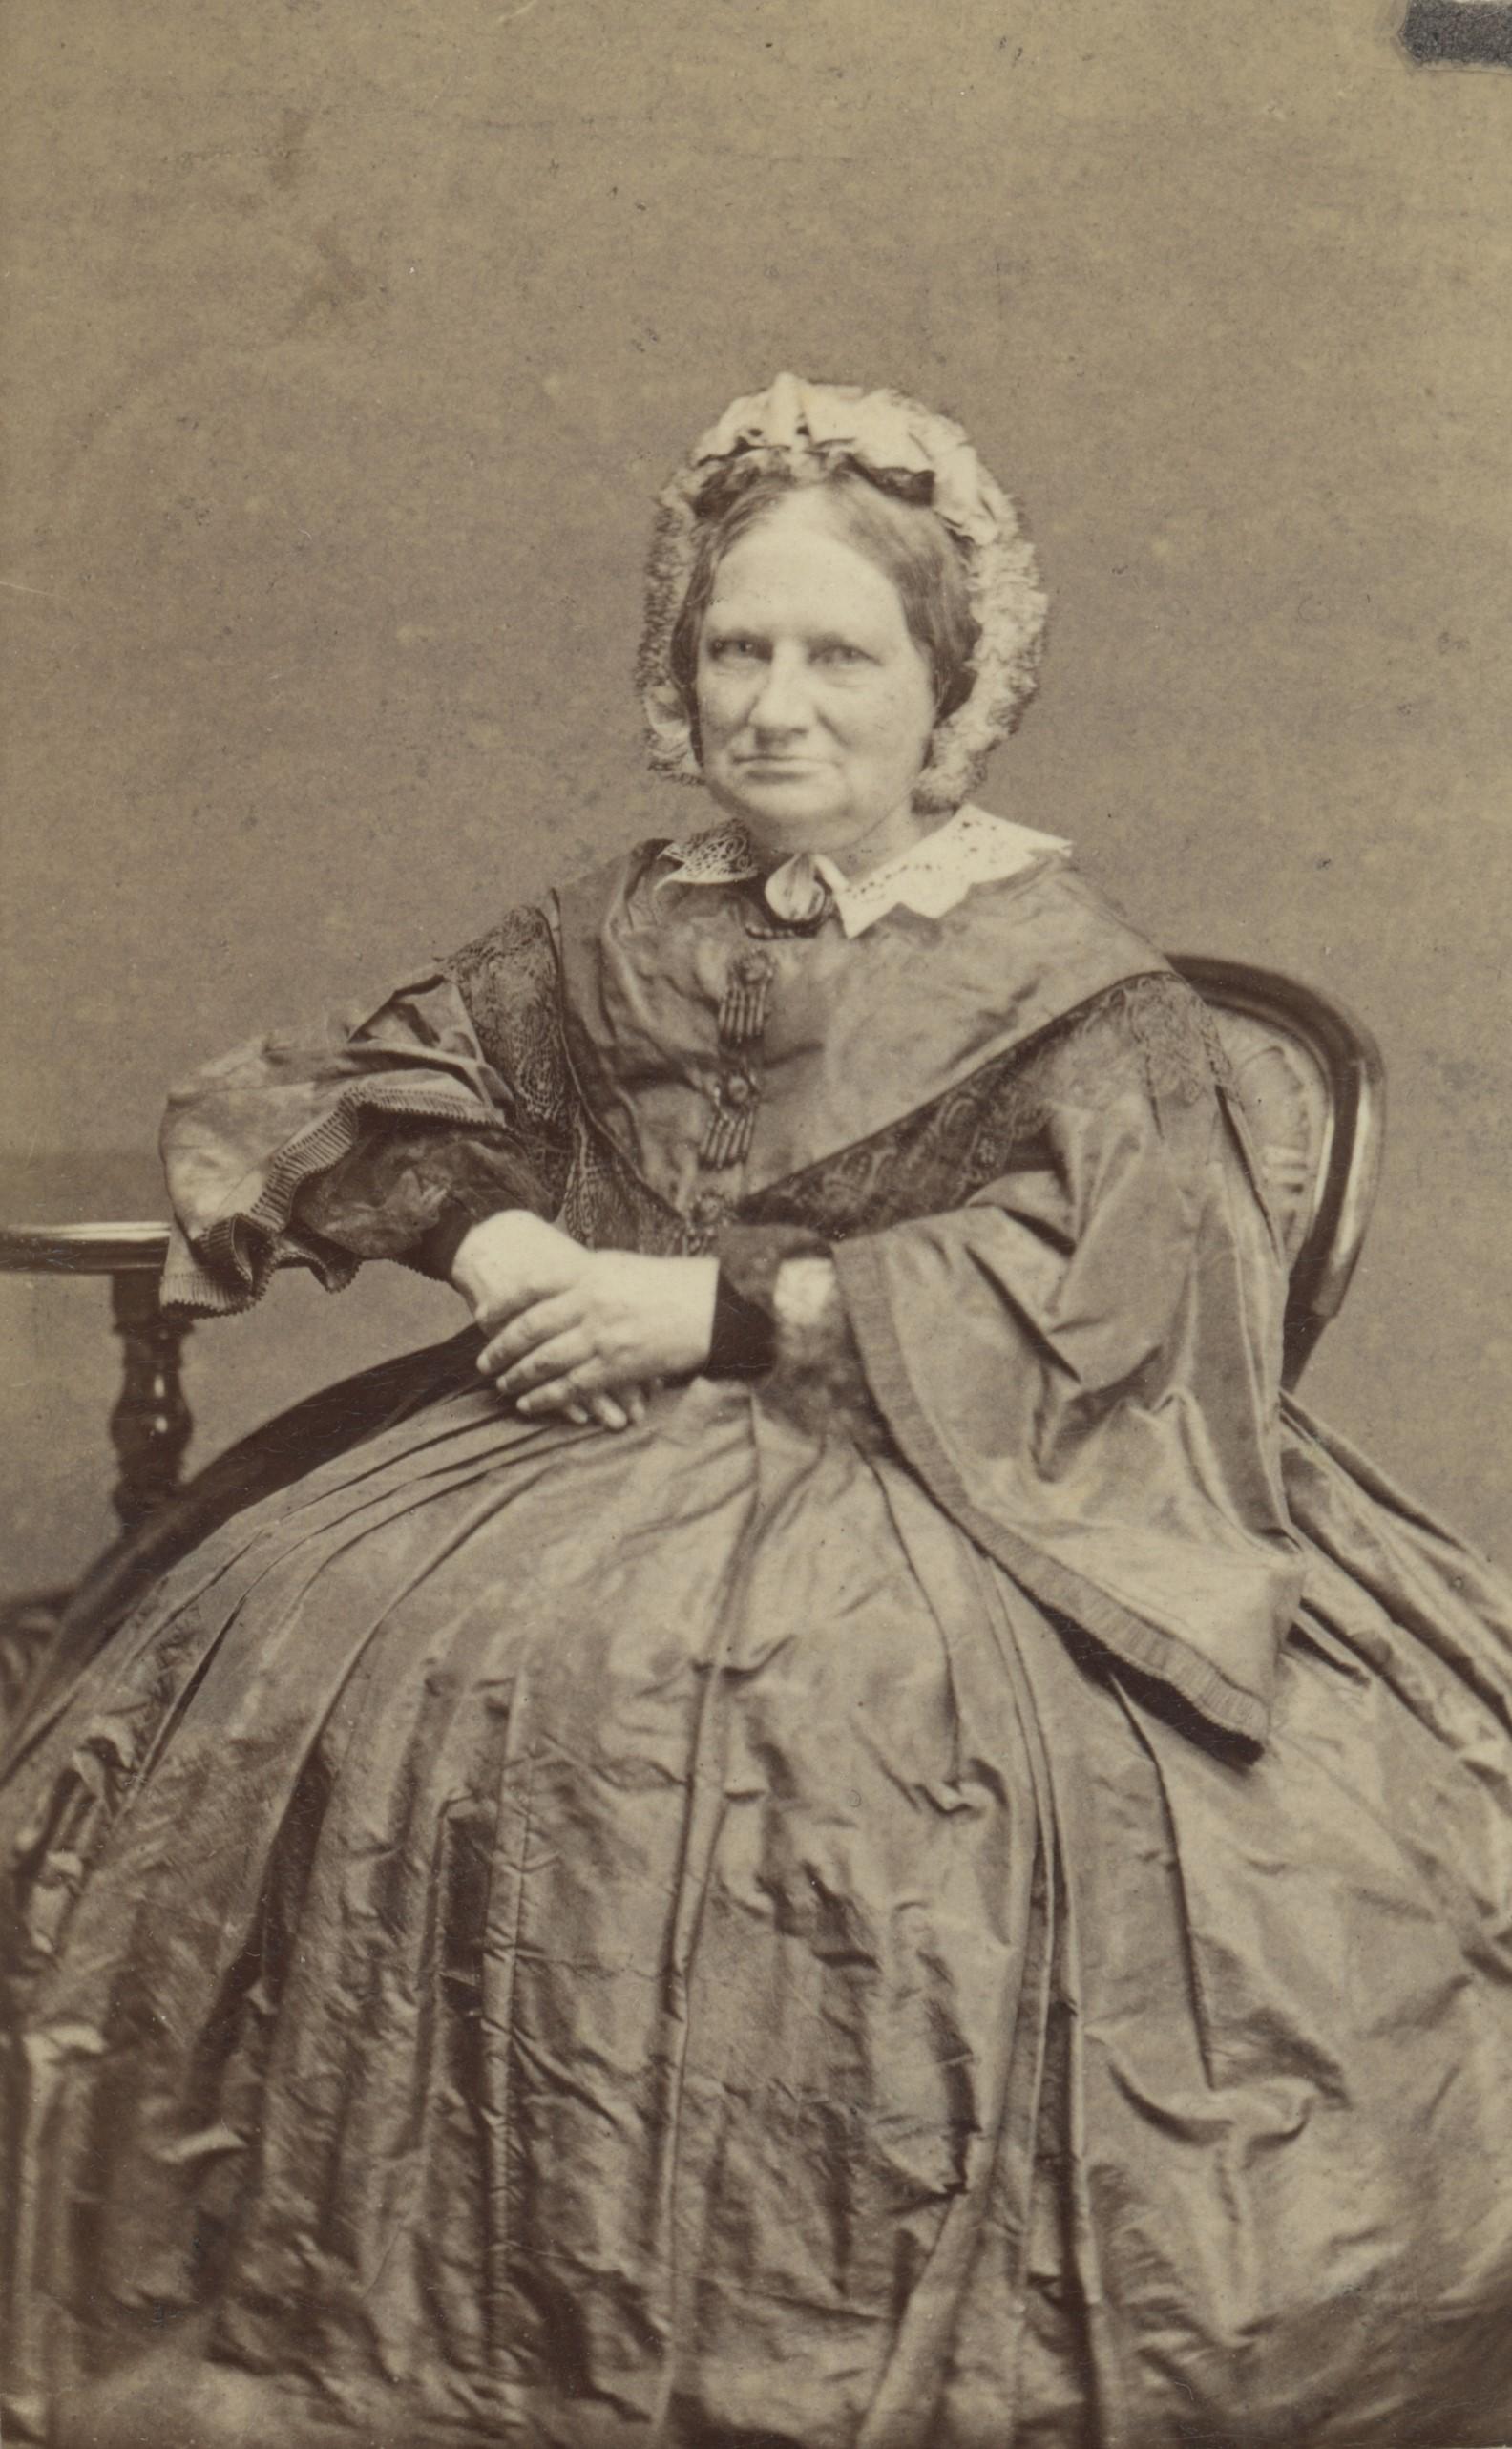 Ulrika von Strussenfelt. Photographer and year unknown (Östergötlands museum, OM.A.012954.0004)